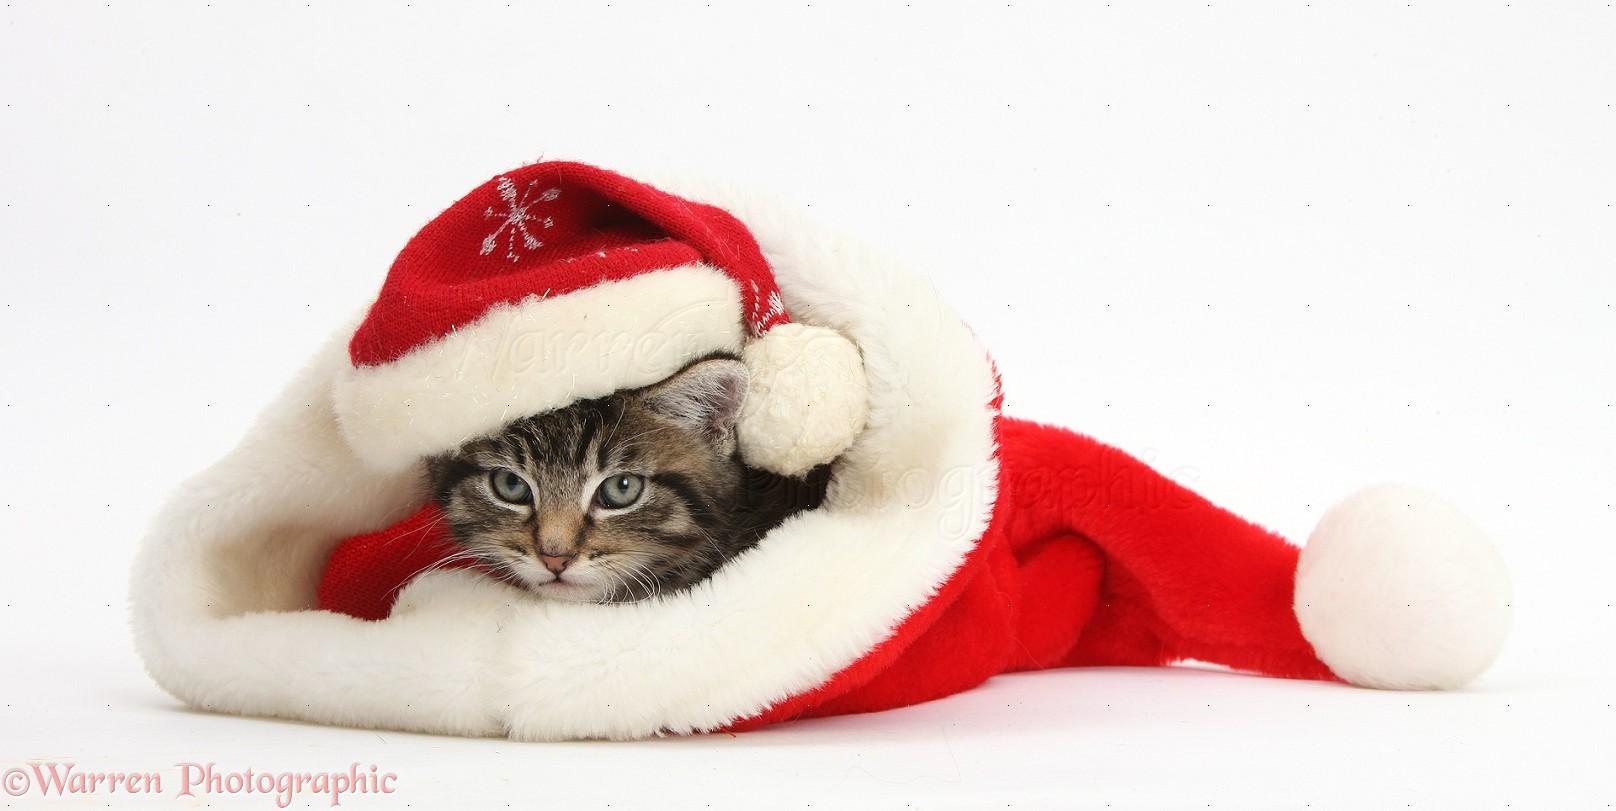 Cute tabby kitten wearing a Santa hat photo WP37914